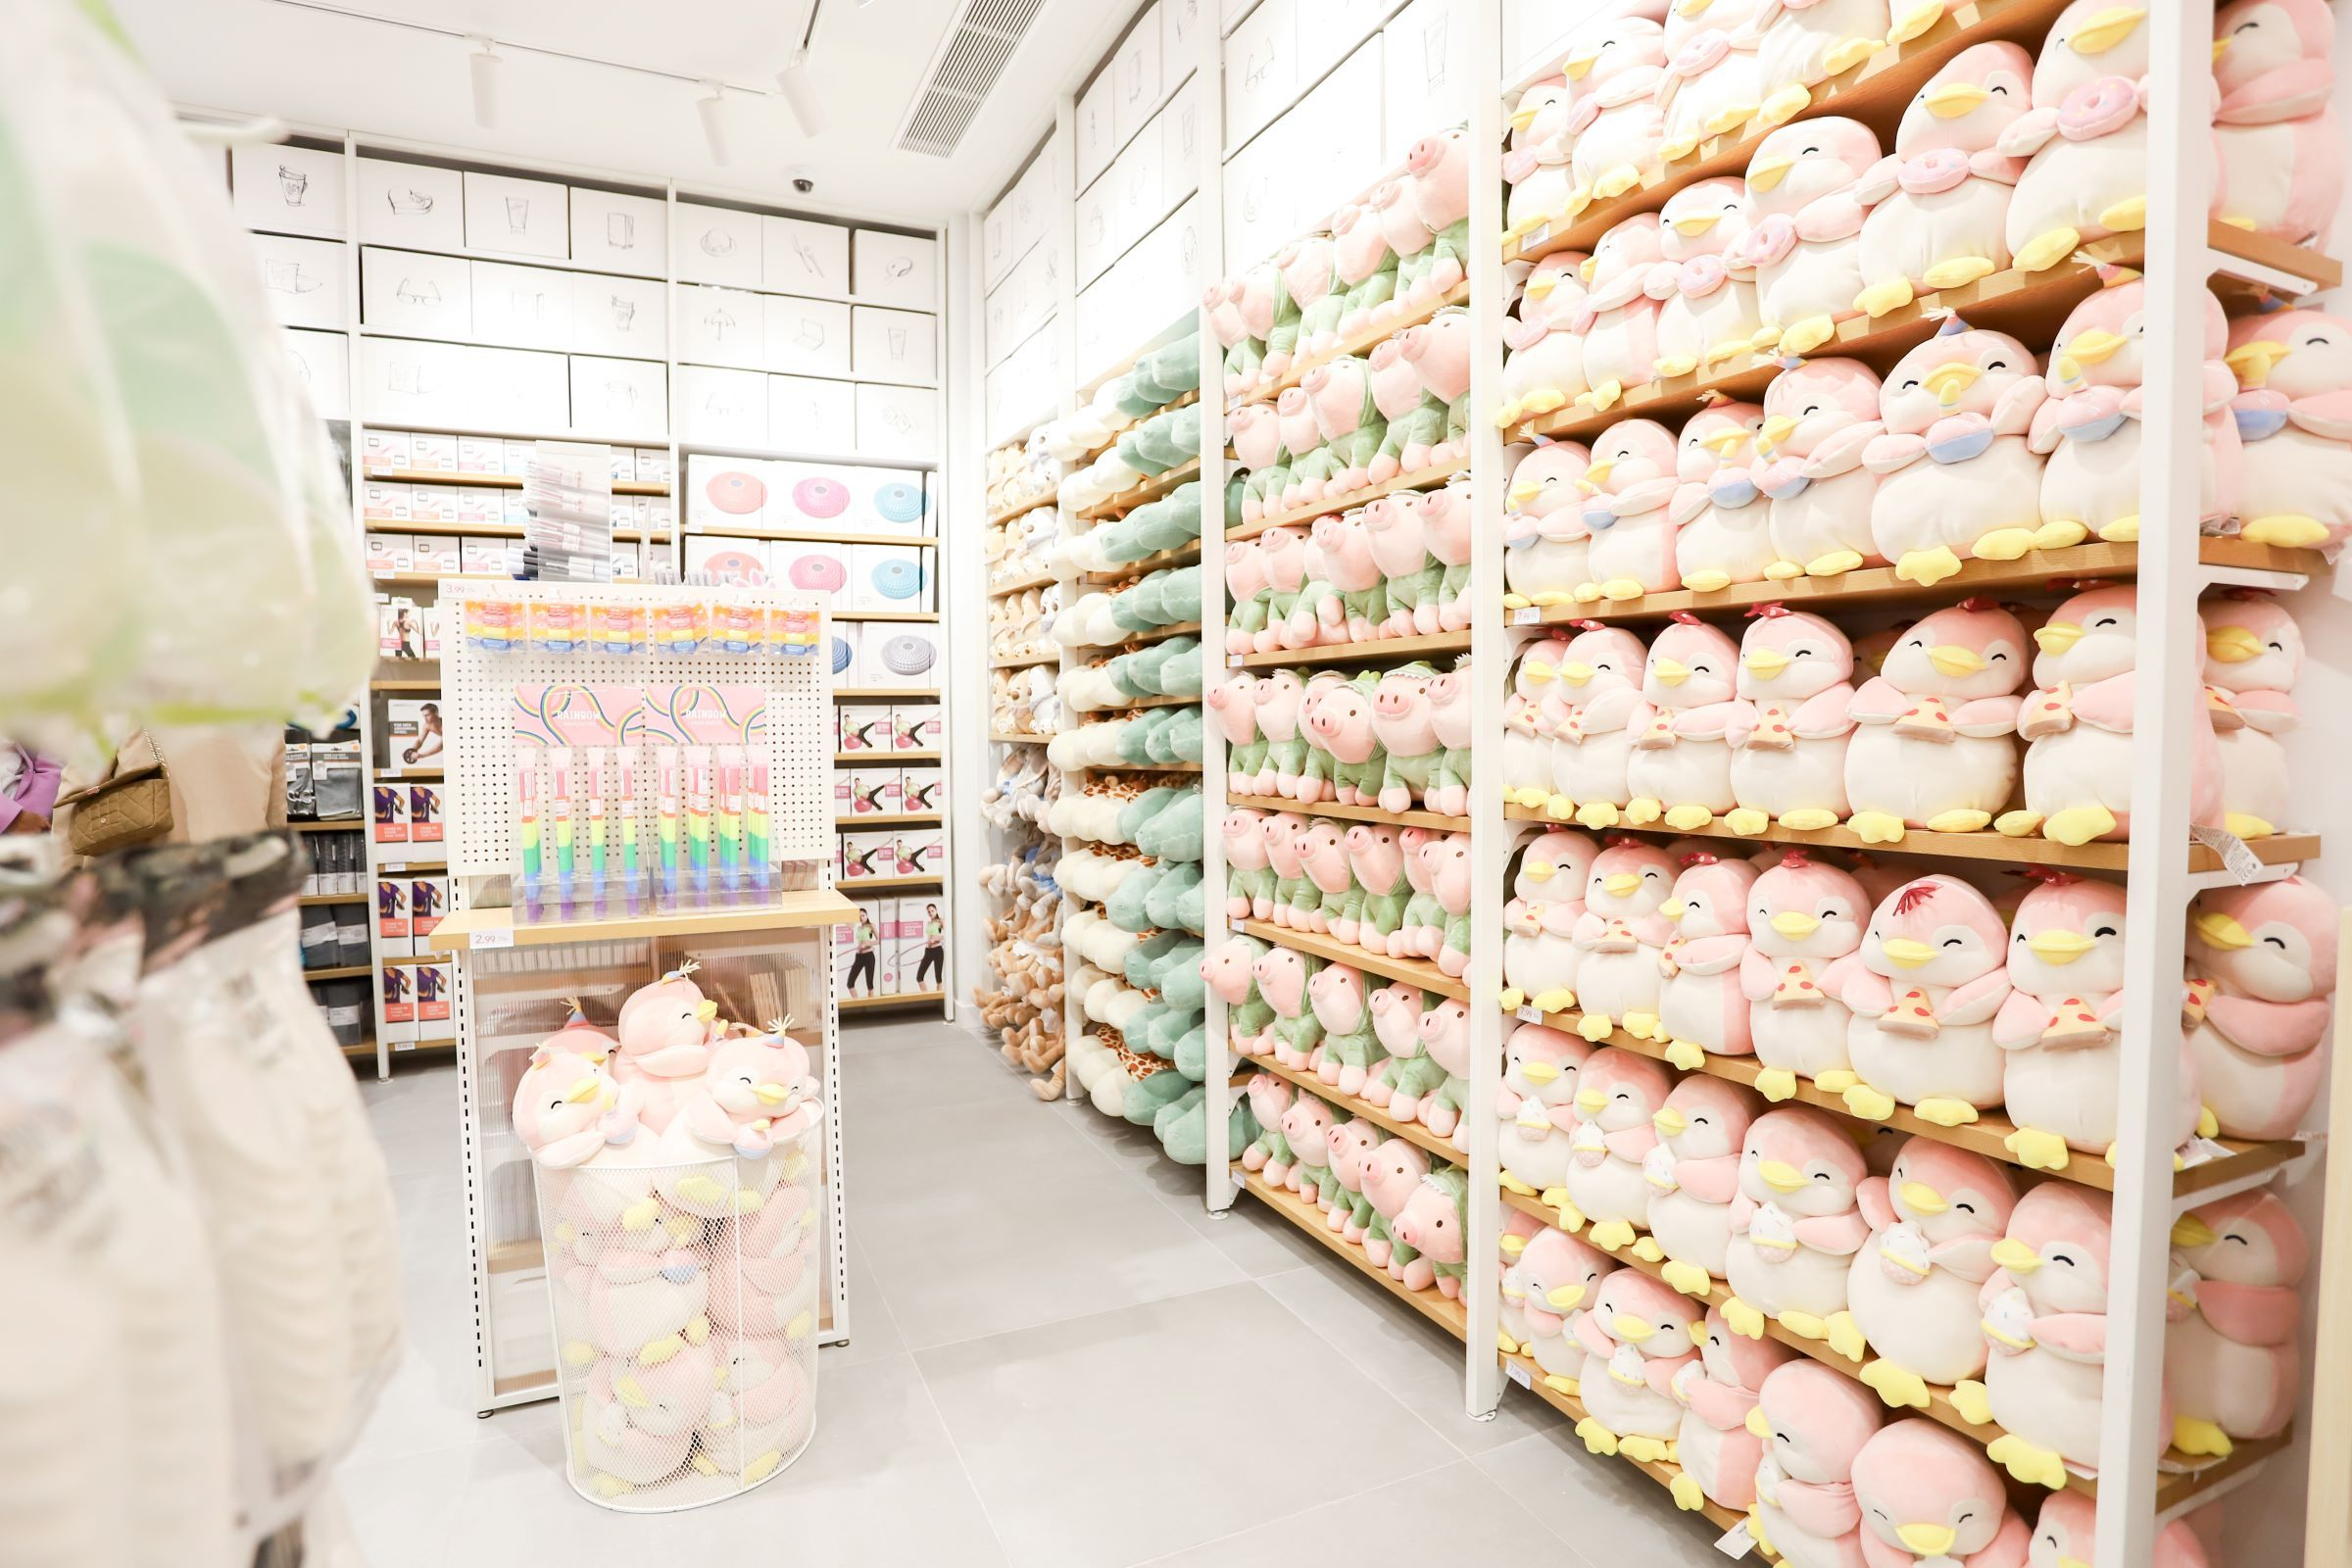 Miniso abrirá 8 nuevas tiendas en los próximos 40 días